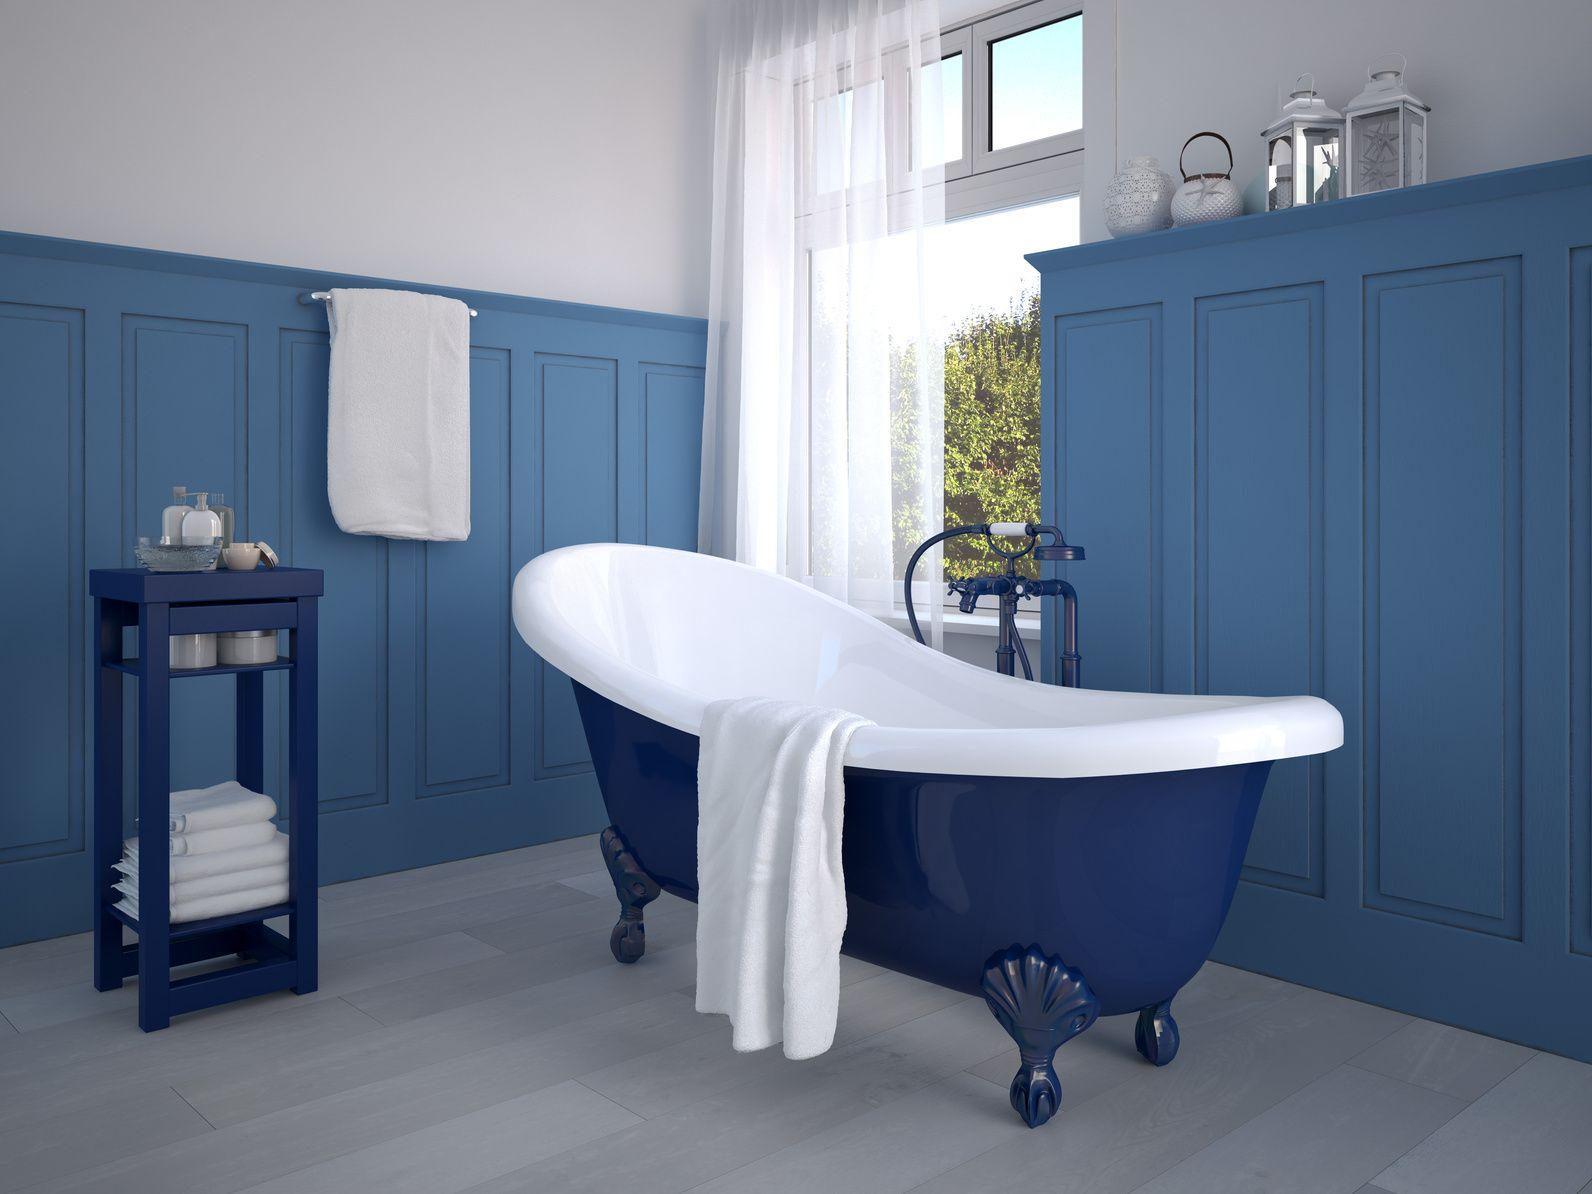 Comment d corer sa salle de bain pas cher le guide ultime comment - Comment decorer sa salle de bain ...